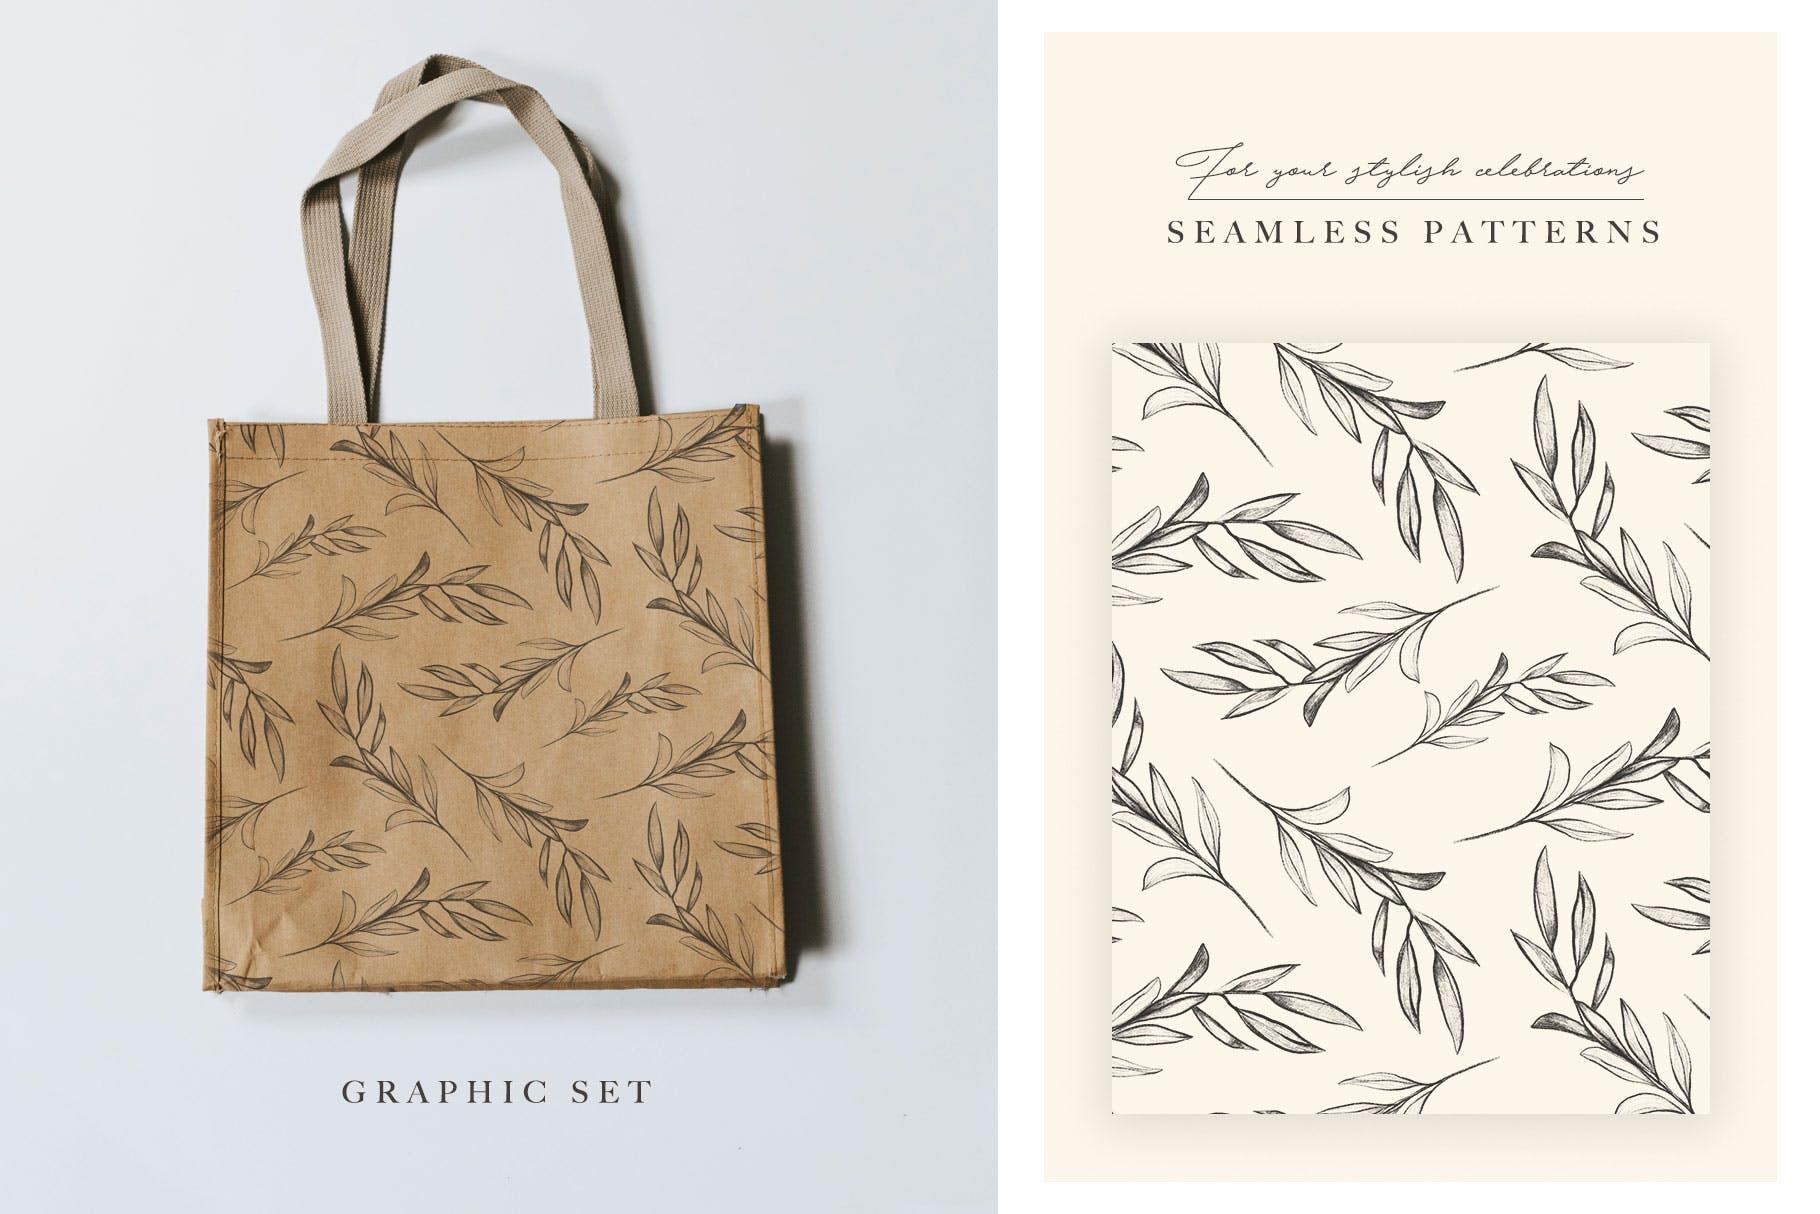 优秀的石墨仿铅笔图形组图案花纹素材Wedding Graphic Logo Pencil Flower插图(4)